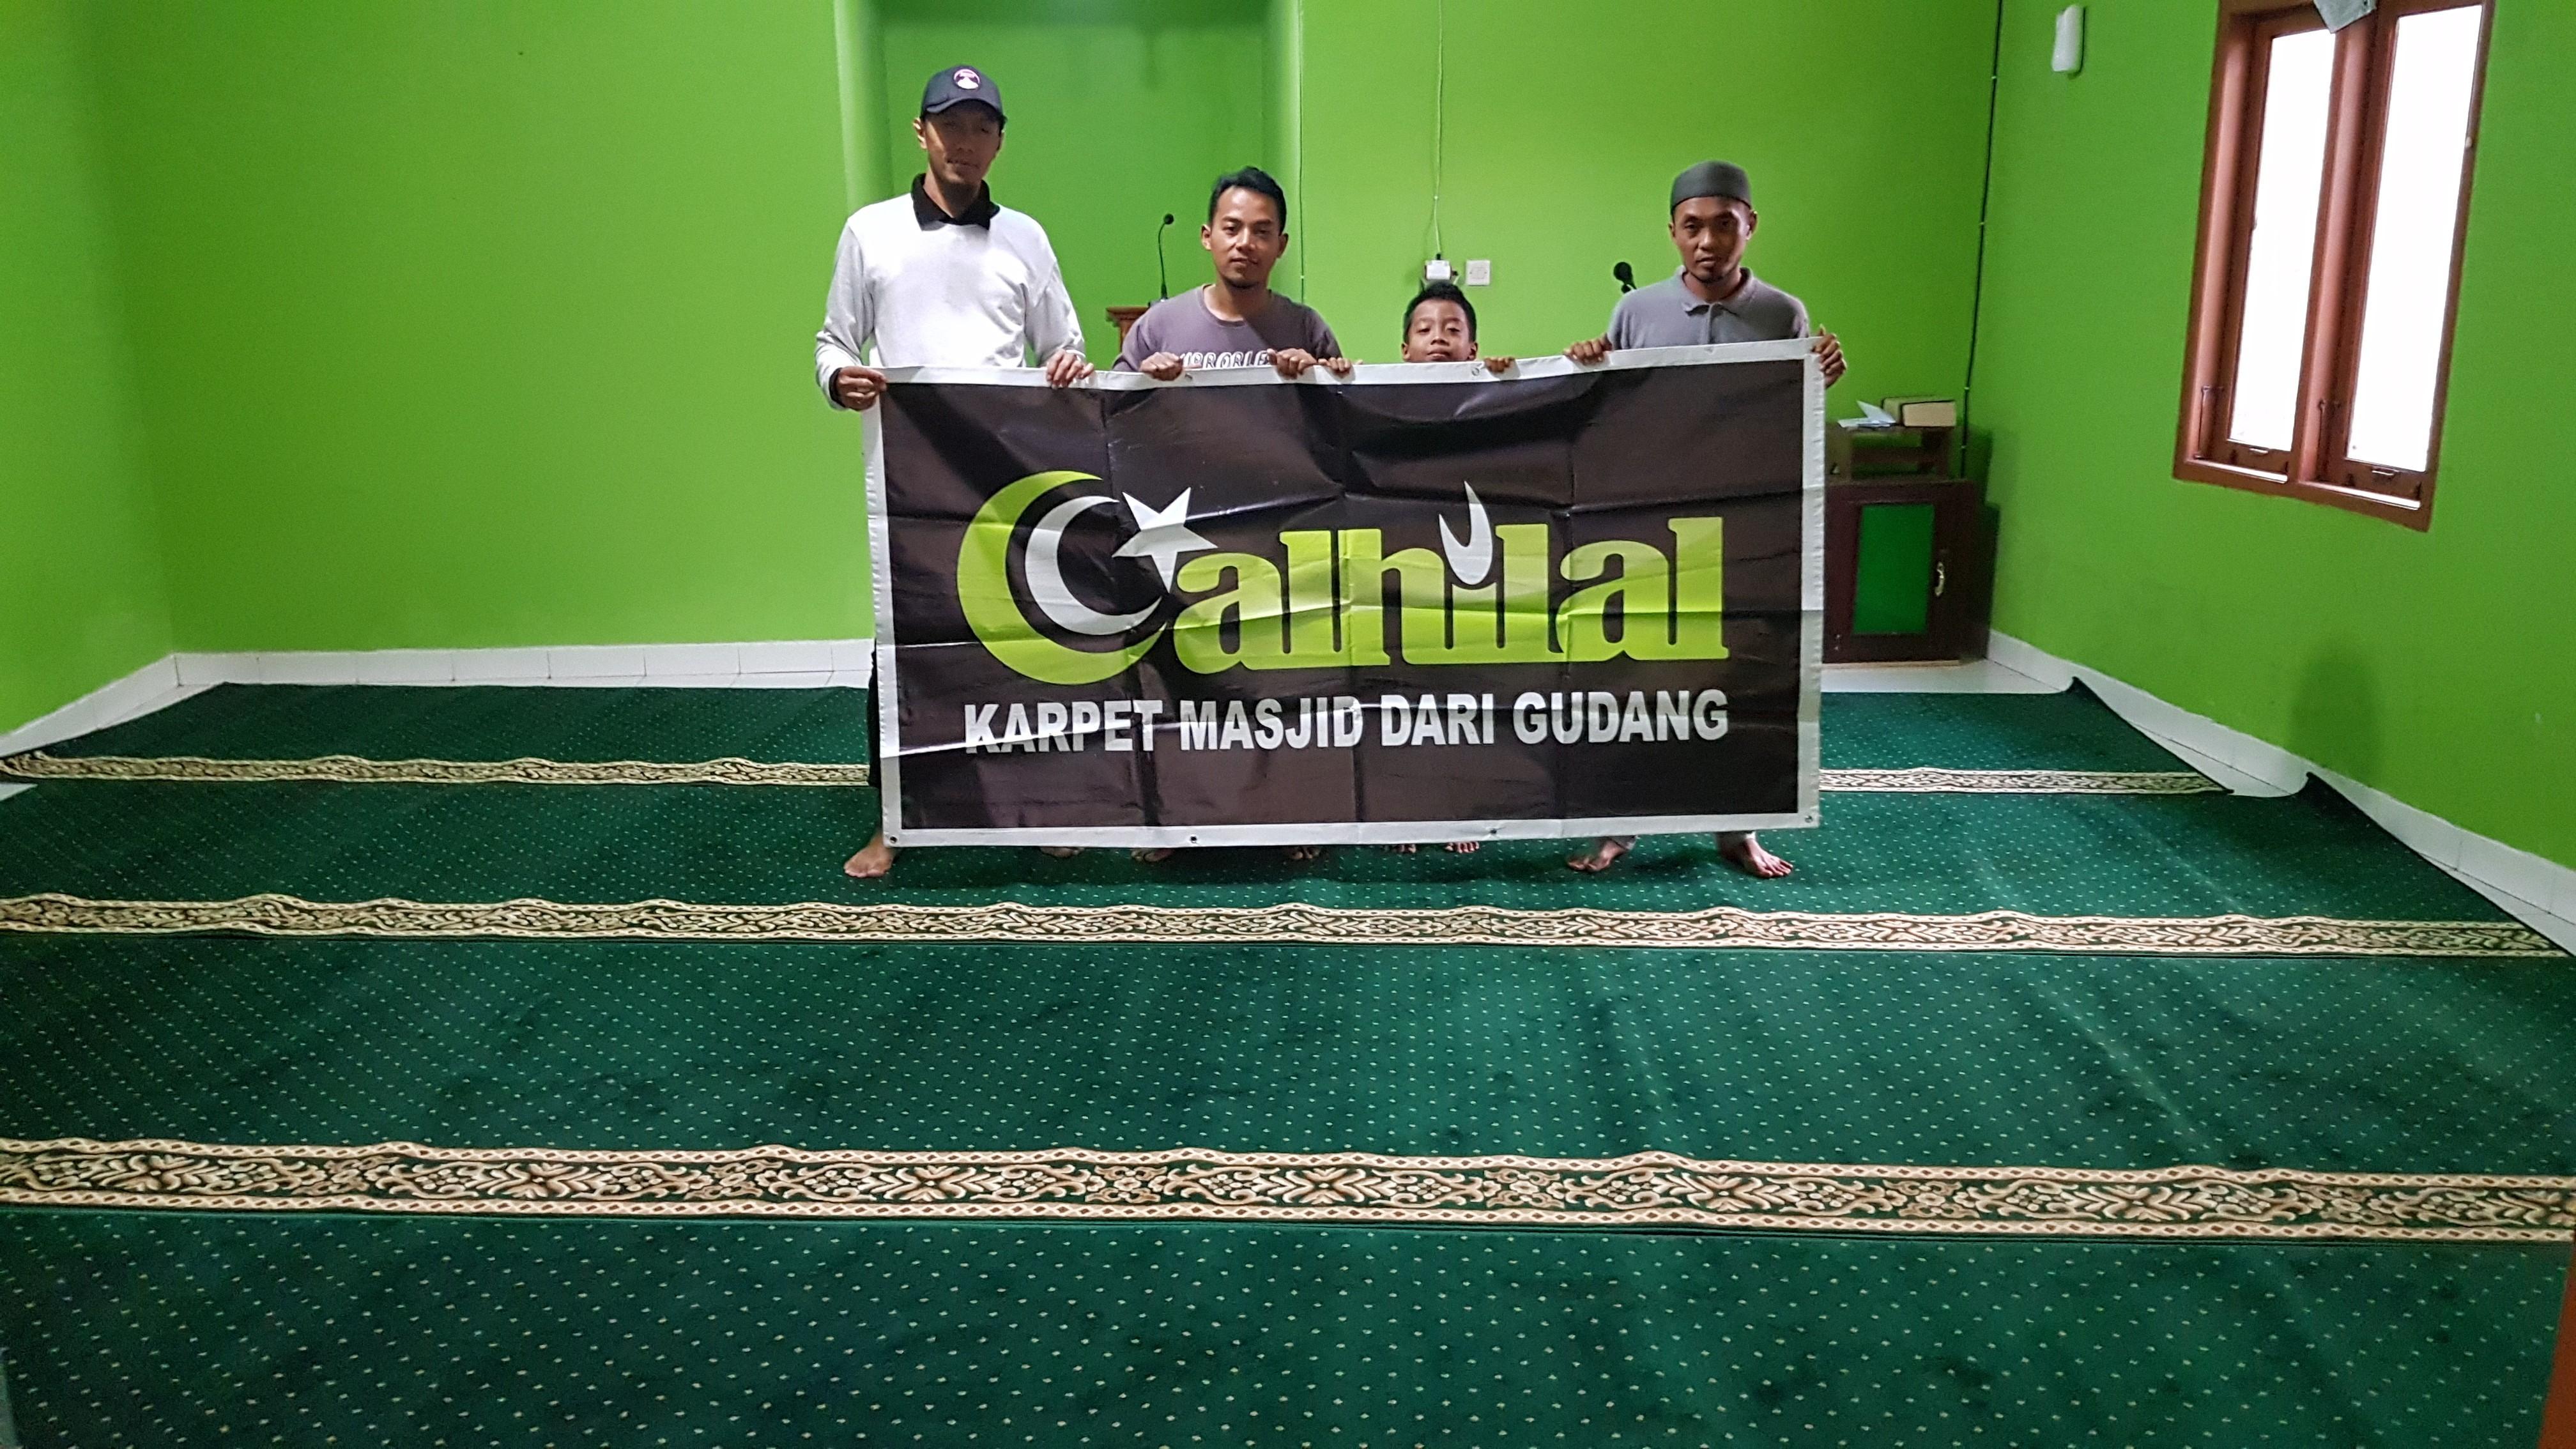 Toko karpet masjid sleman